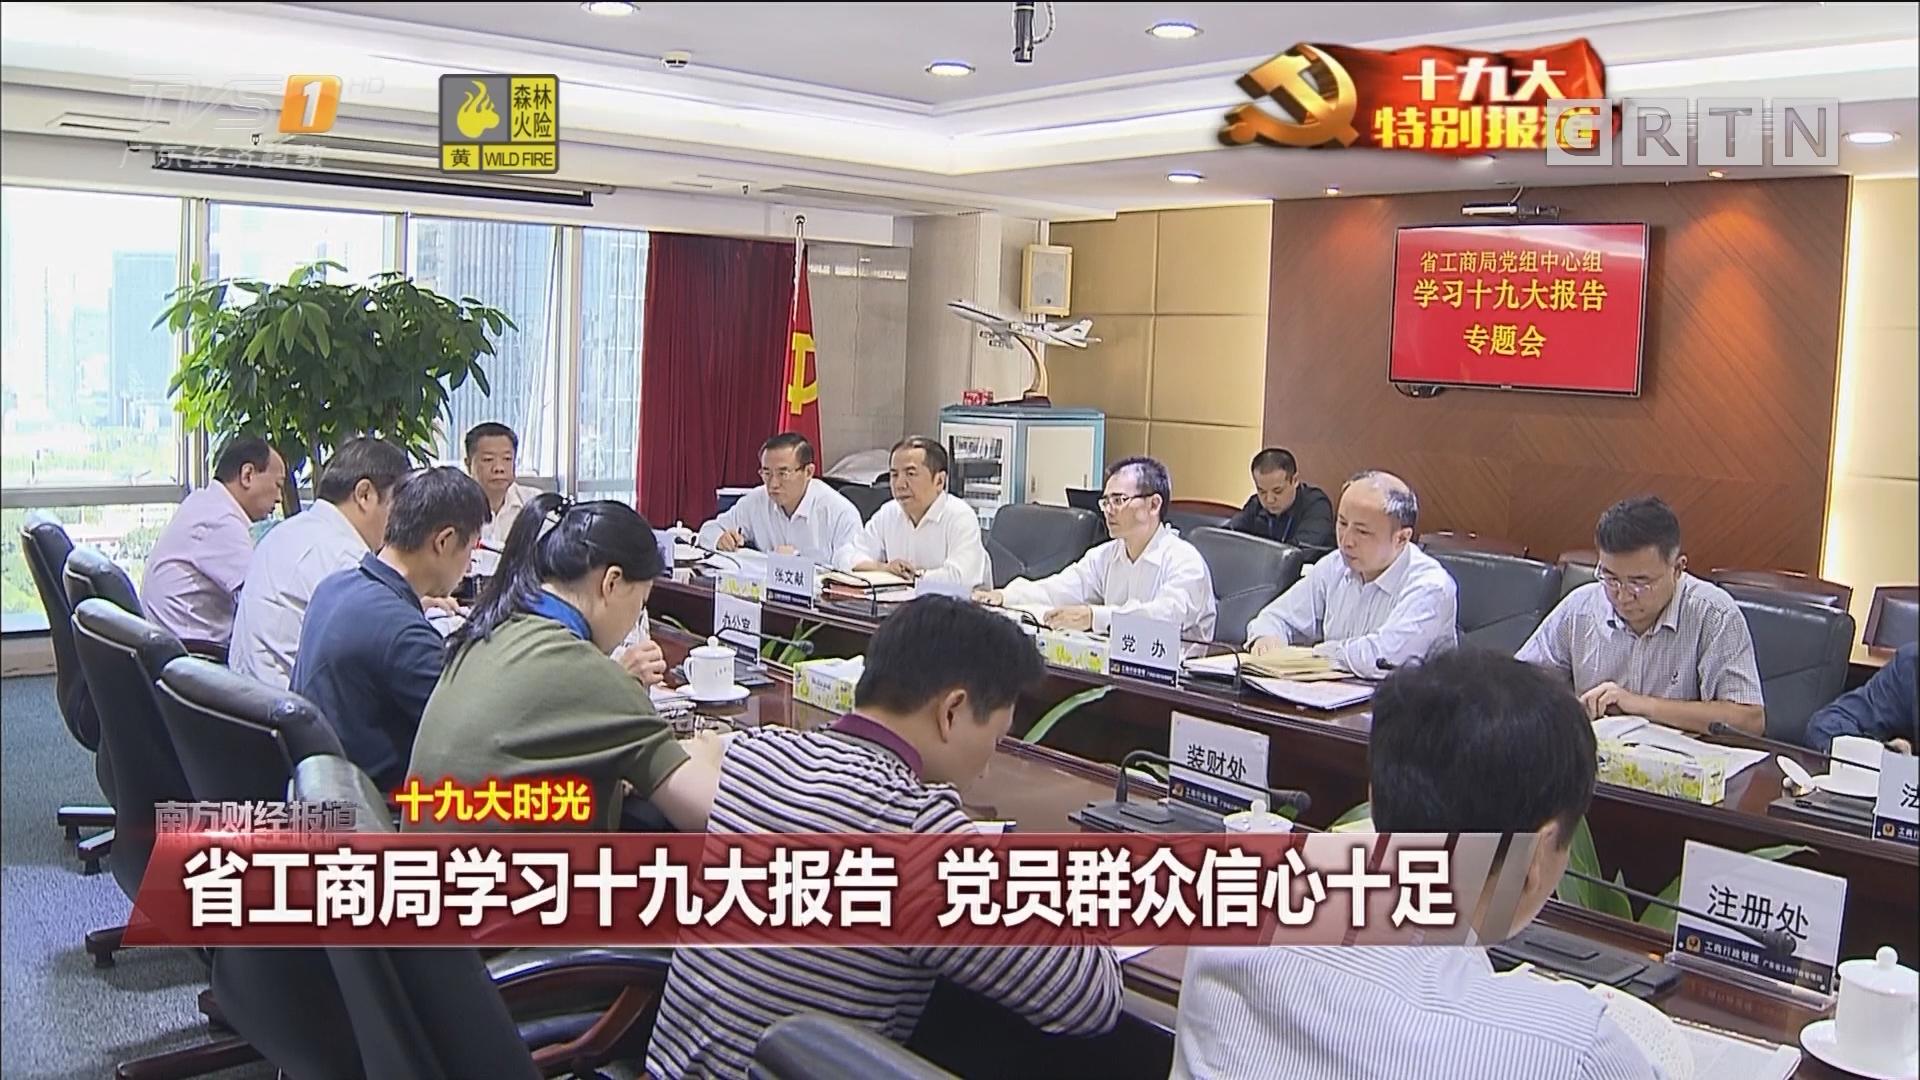 十九大时光:省工商局学习十九大报告 党员群众信心十足